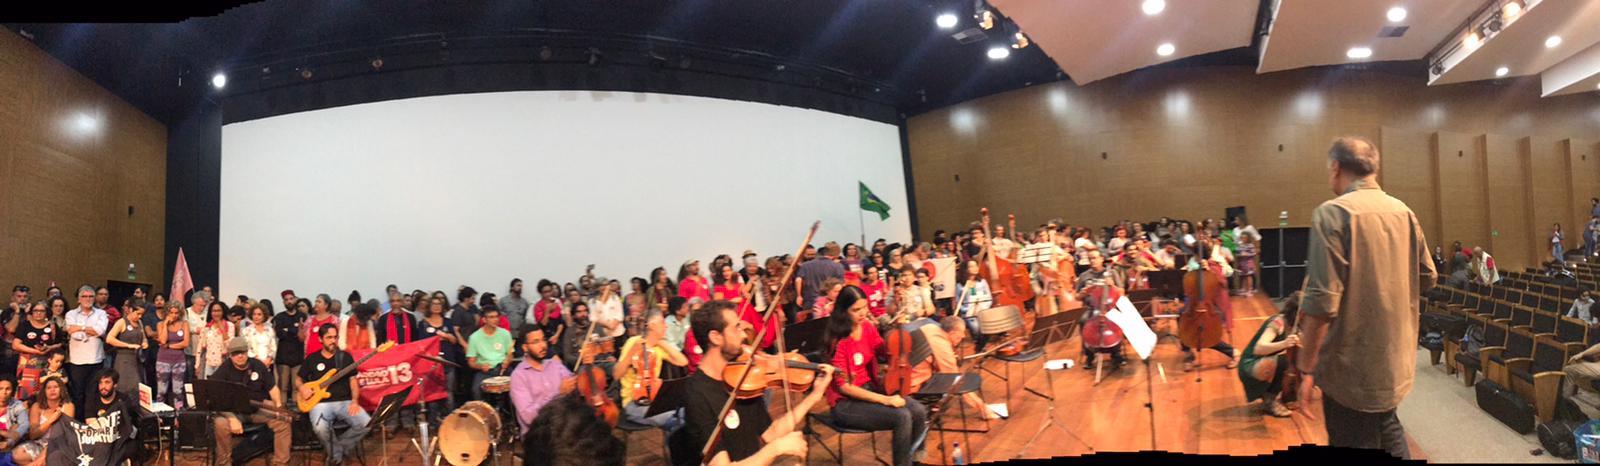 Em Brasília, músicos e plateia unem-se contra o fascismo, pela democracia e o amor; veja vídeos